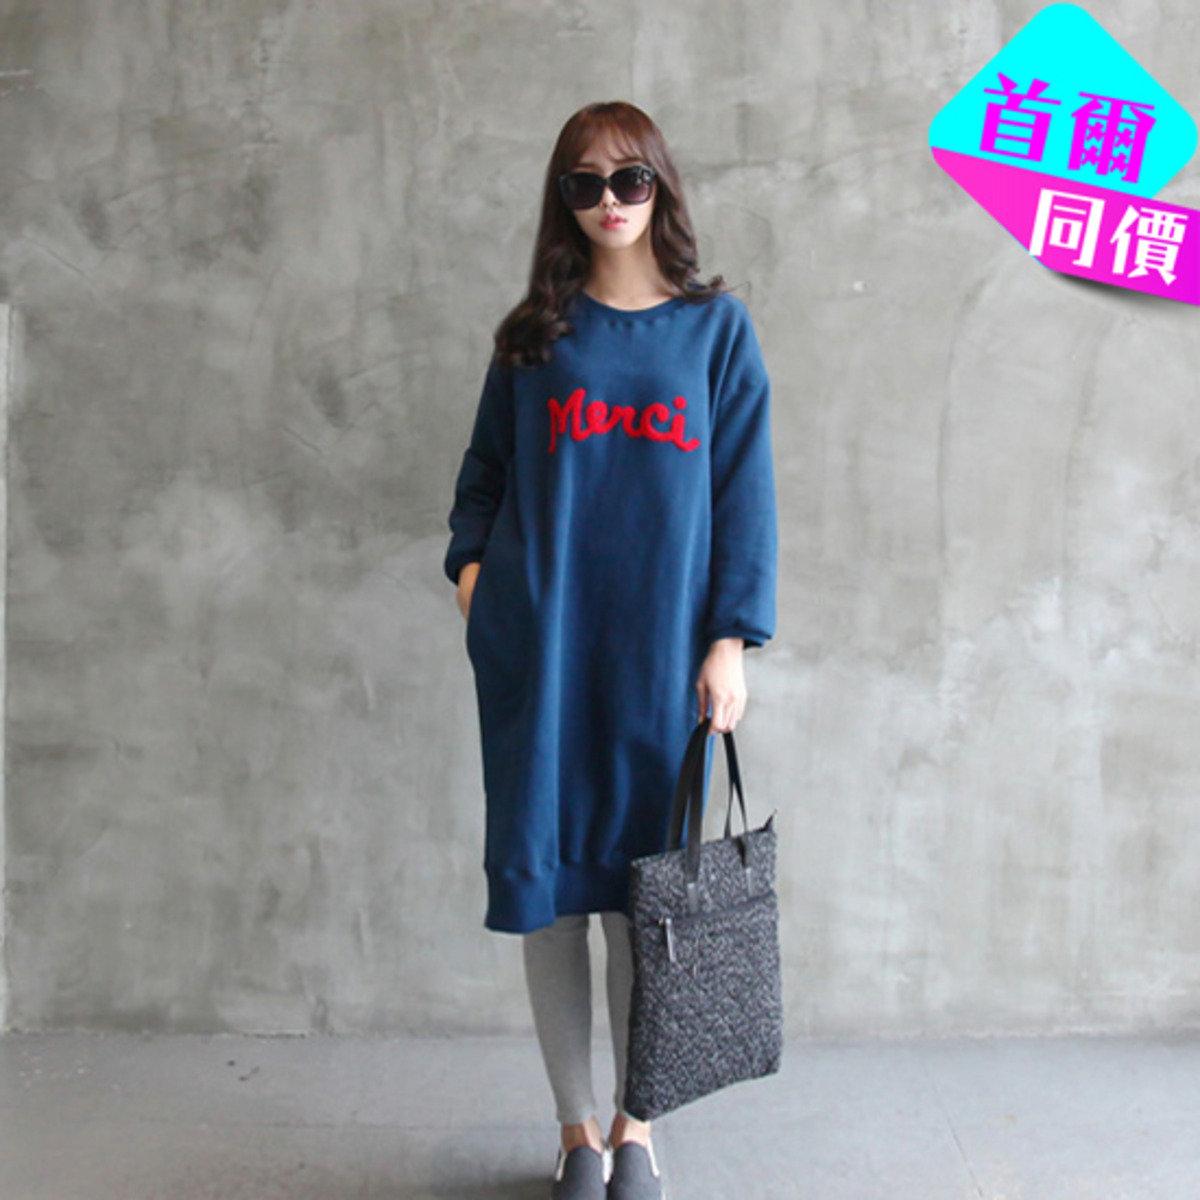 印字T恤款連身裙_22198_7203